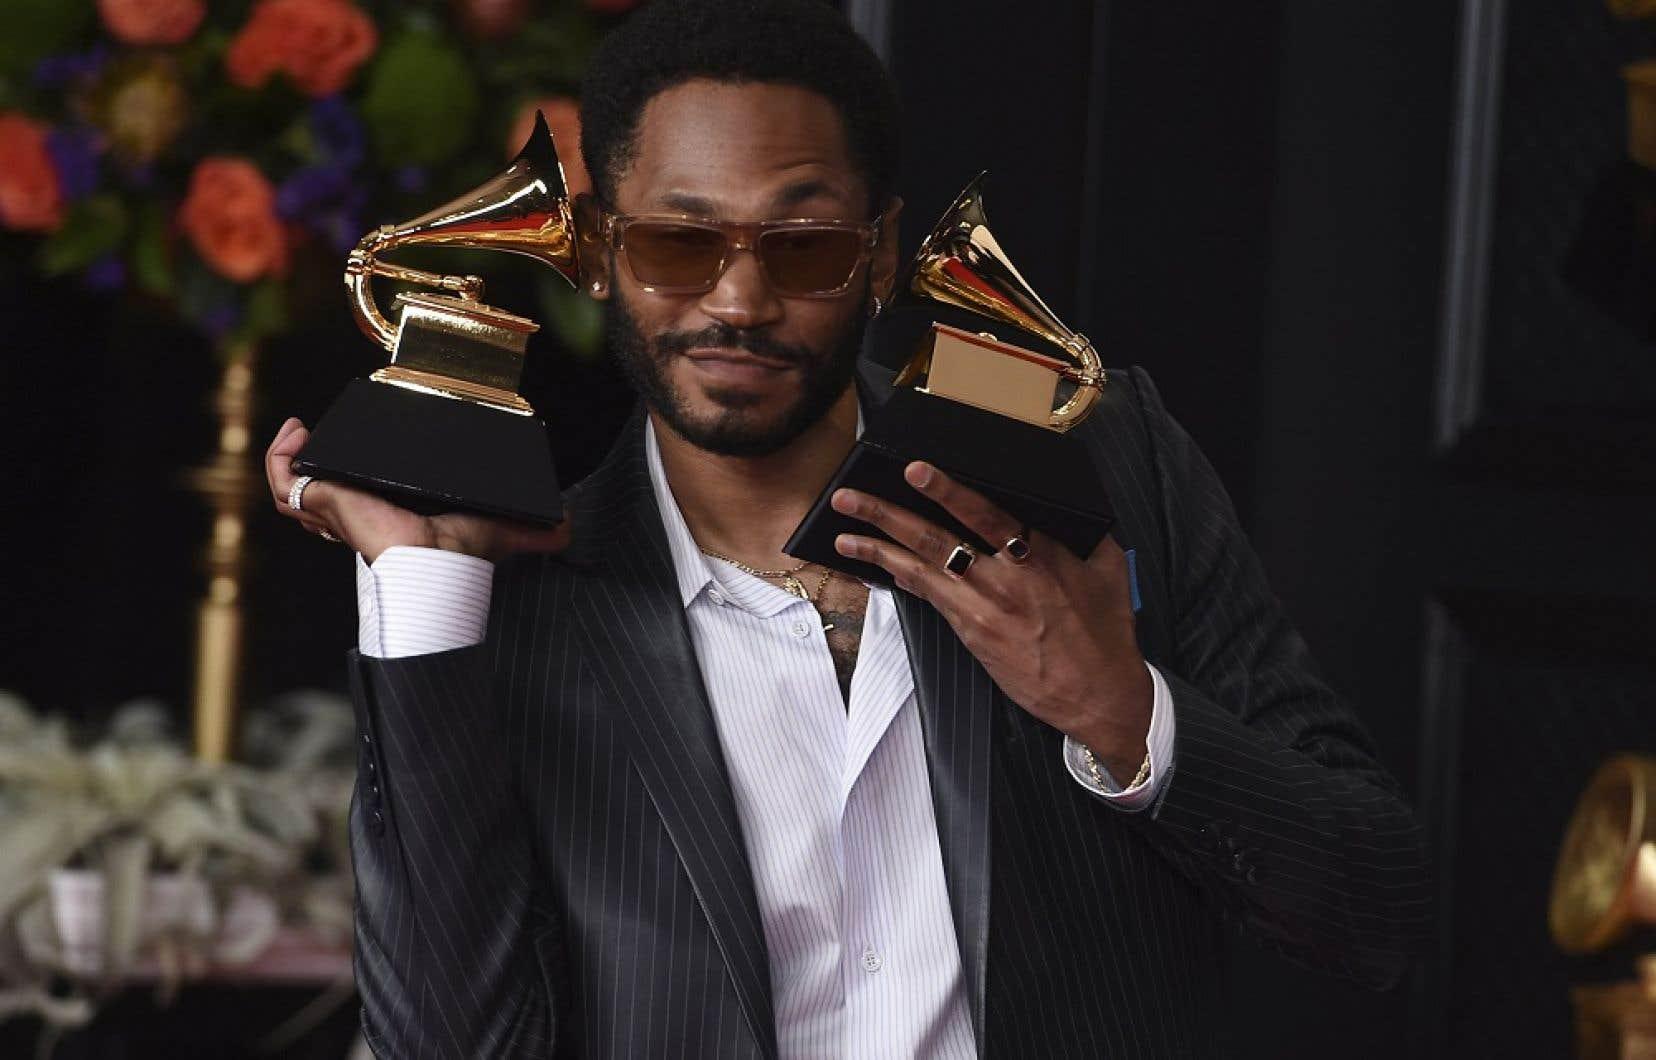 Le compositeur québécois Kaytranada a remporté dimanche après-midi le premier prix Grammy de sa carrière, puis le second quelques minutes plus tard.